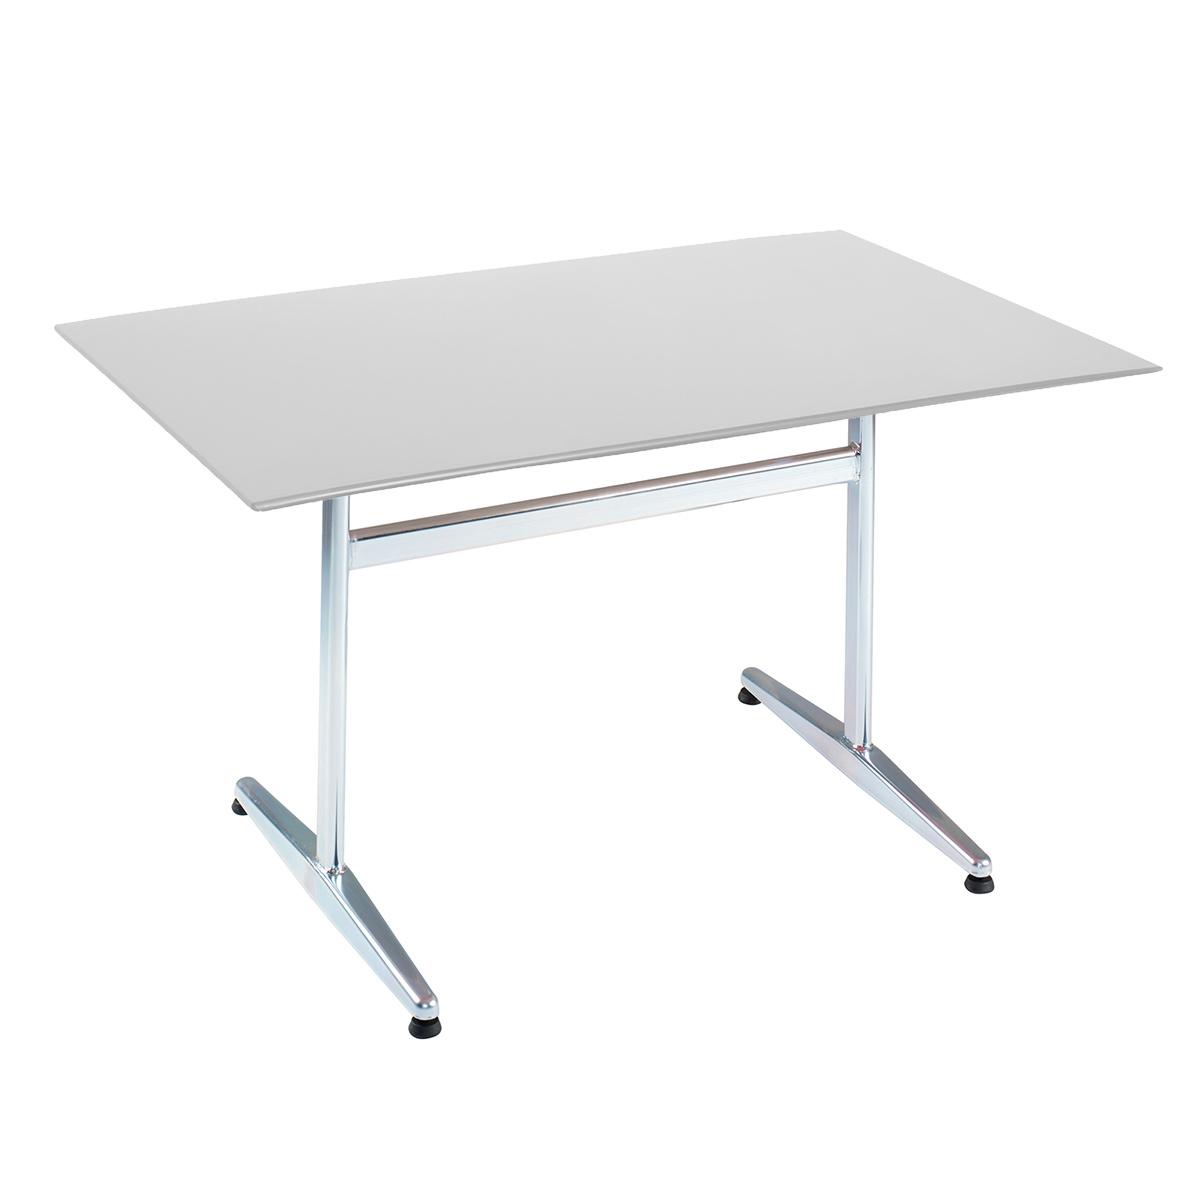 GFK Tisch lichtgrau, glanz, elegance, Untergestell galvanisch, T-Gestell Basic, 120 x 80 x 0.9 cm, H 73 cm